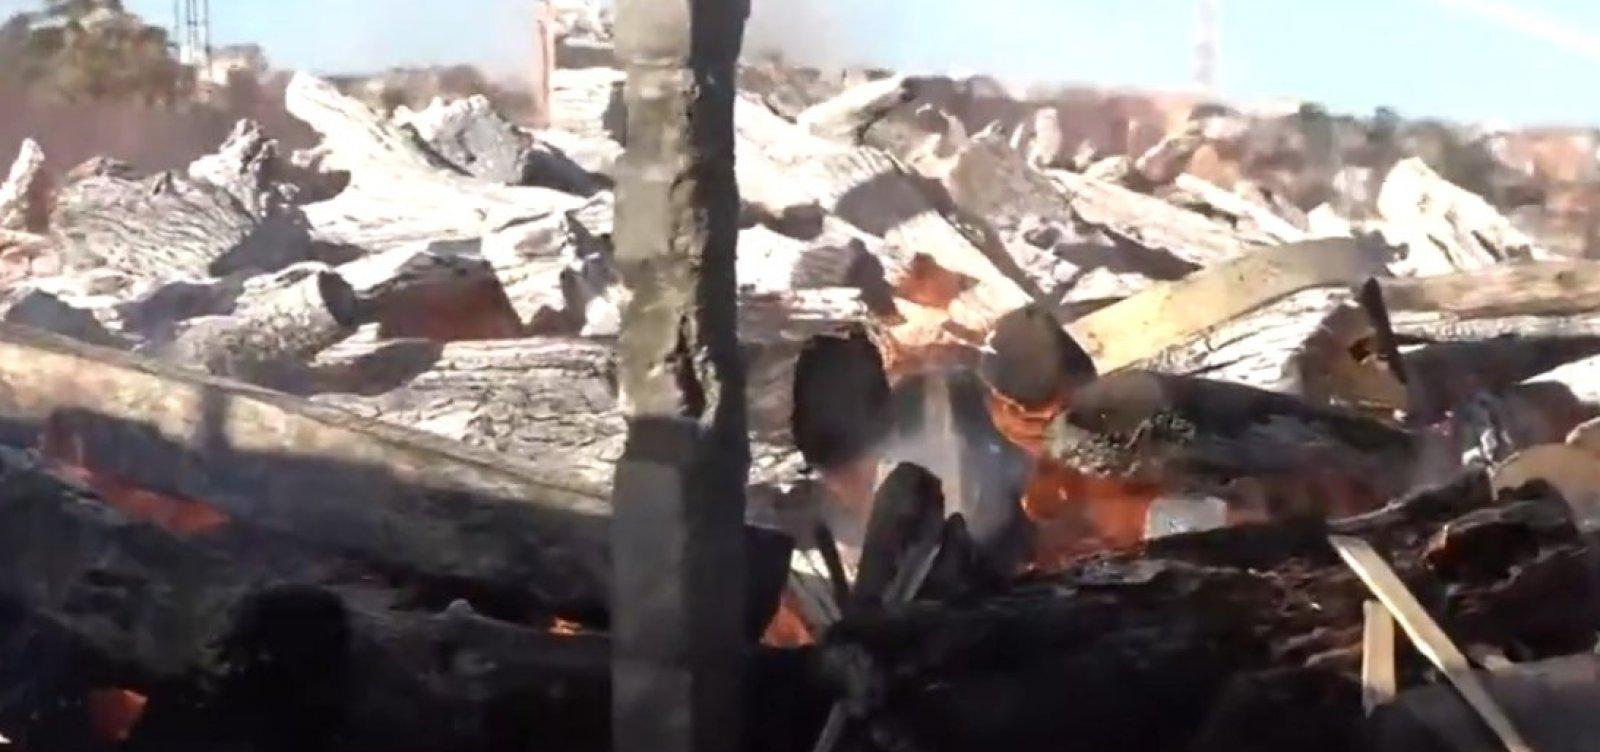 Incêndio atinge galpão de pallets no bairro de Valéria